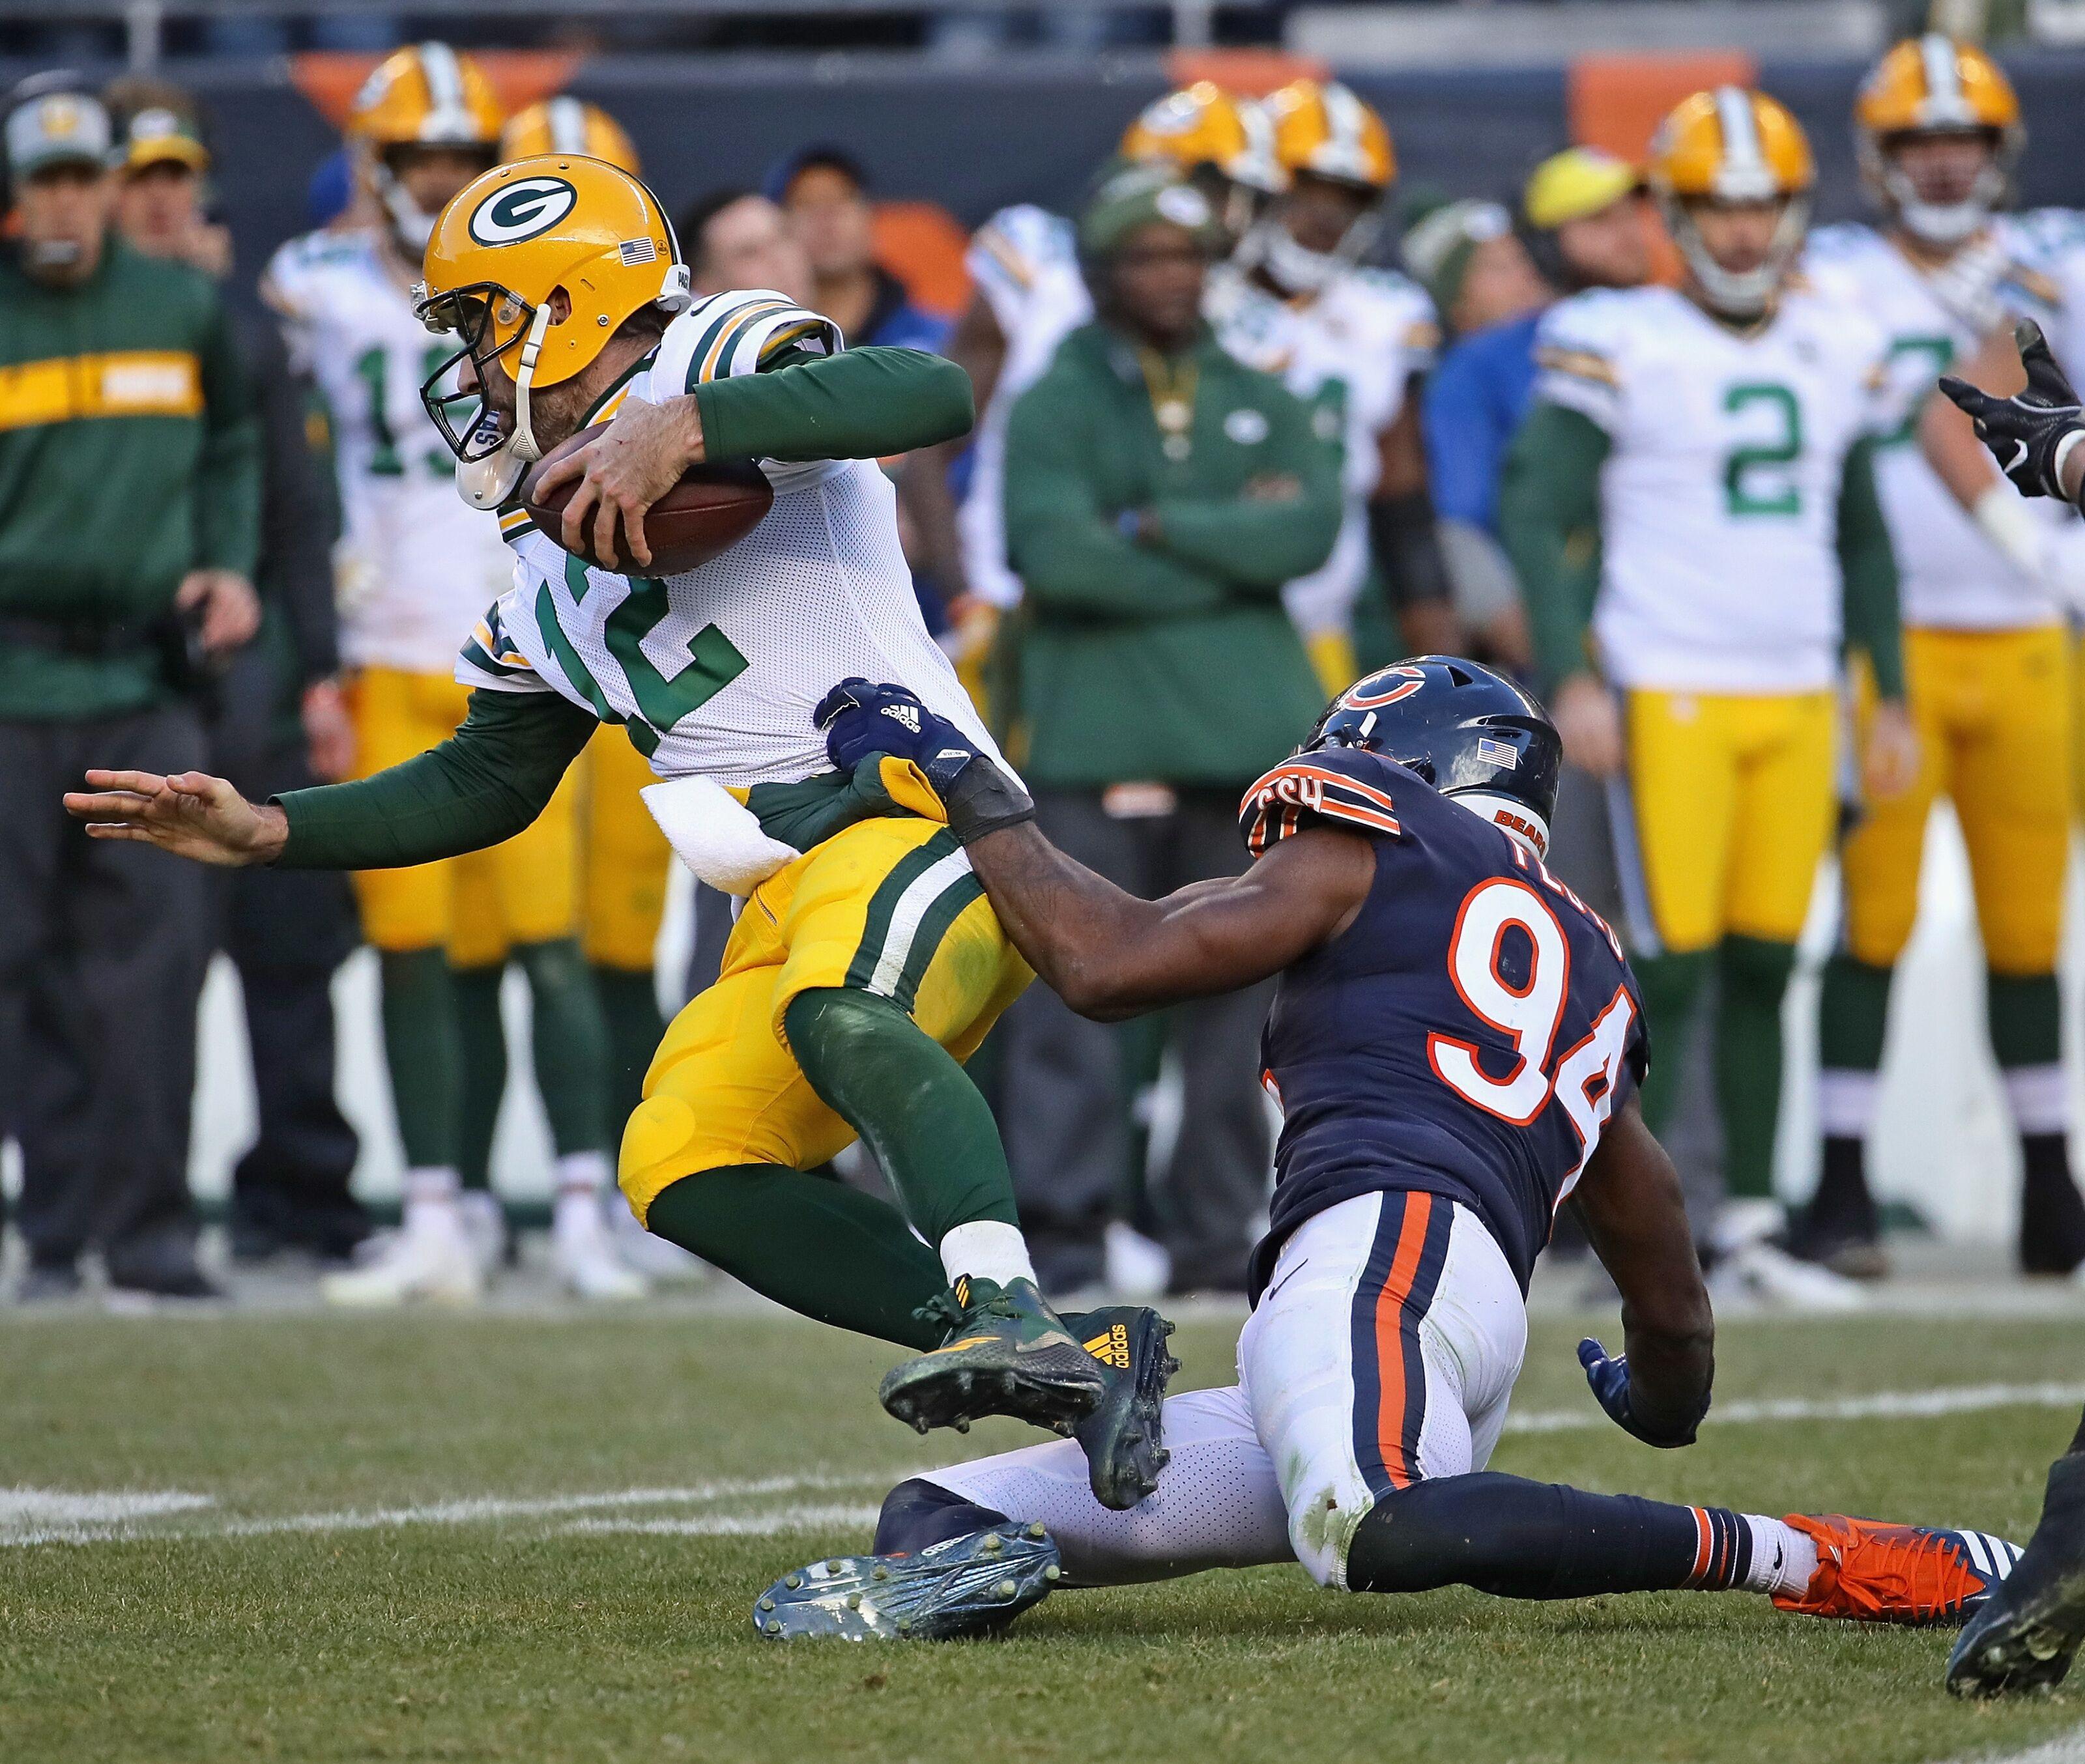 Week 11 Giants Vs Packers: Chicago Bears: 3 Big Takeaways From Win Vs. Packers In Week 15